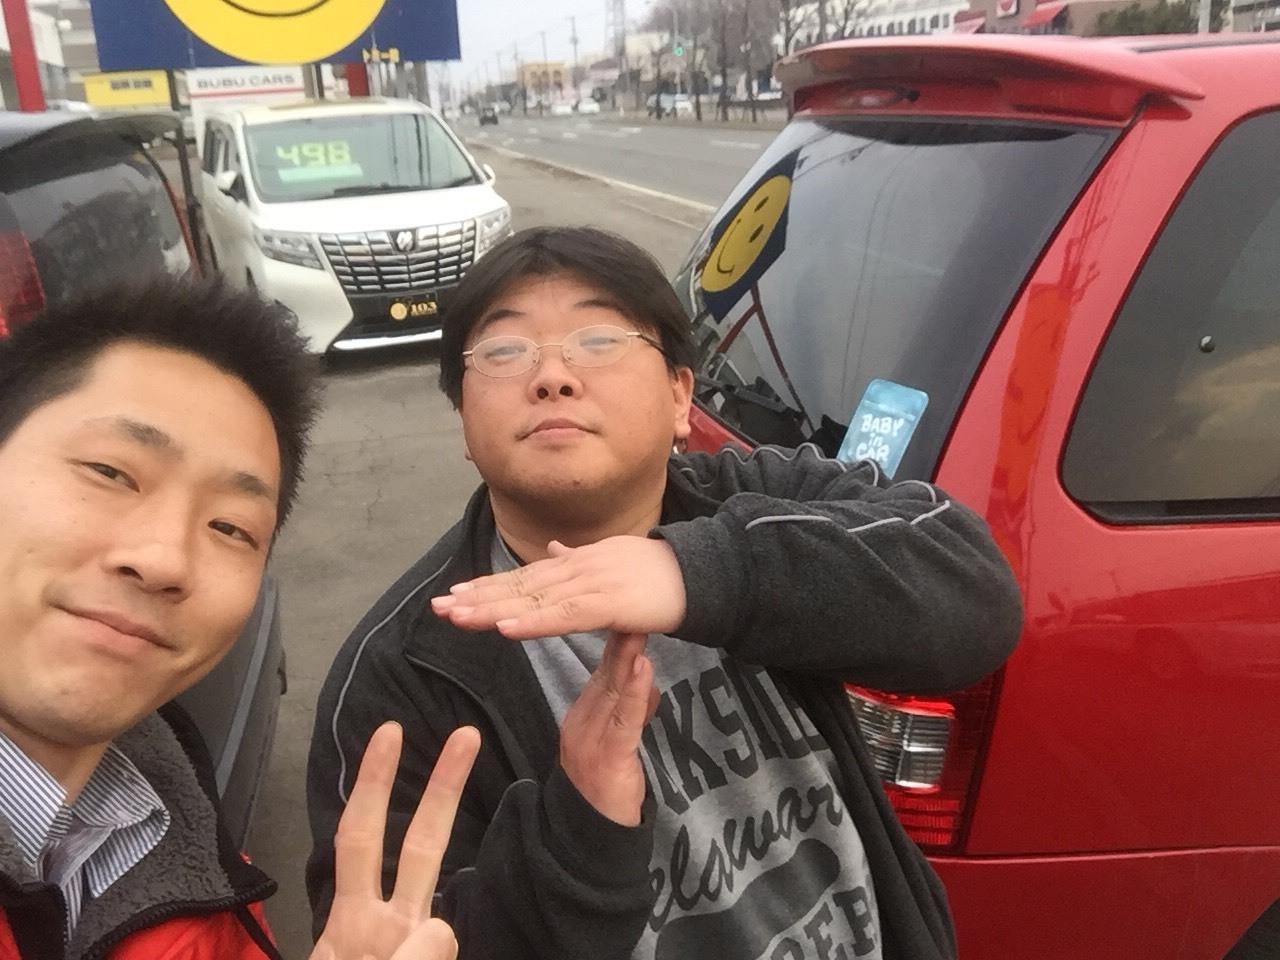 4月8日(日)☻しまぶろぐ☻アルファードO様納車( ✧Д✧)N様ウィッシュご成約◝(⁰▿⁰)◜_b0127002_16281851.jpg